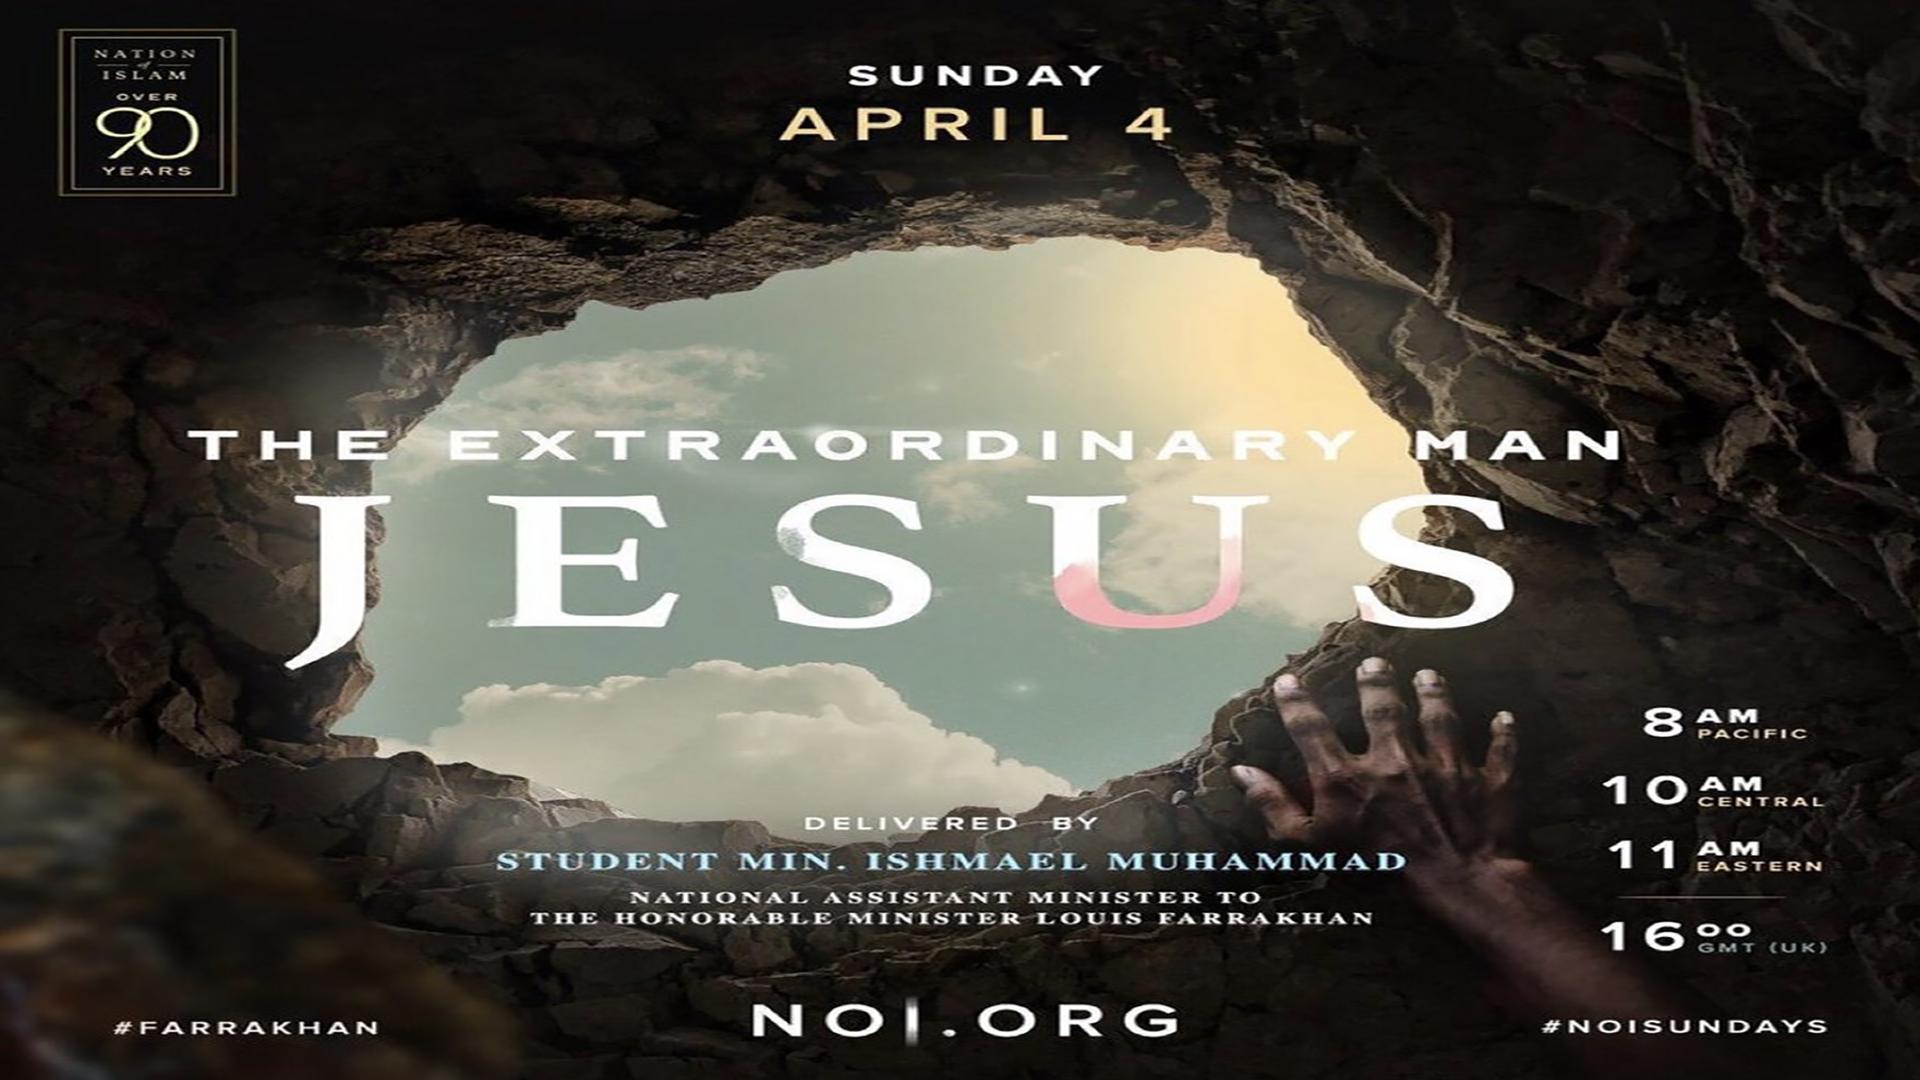 The Extraordinary Man Jesus